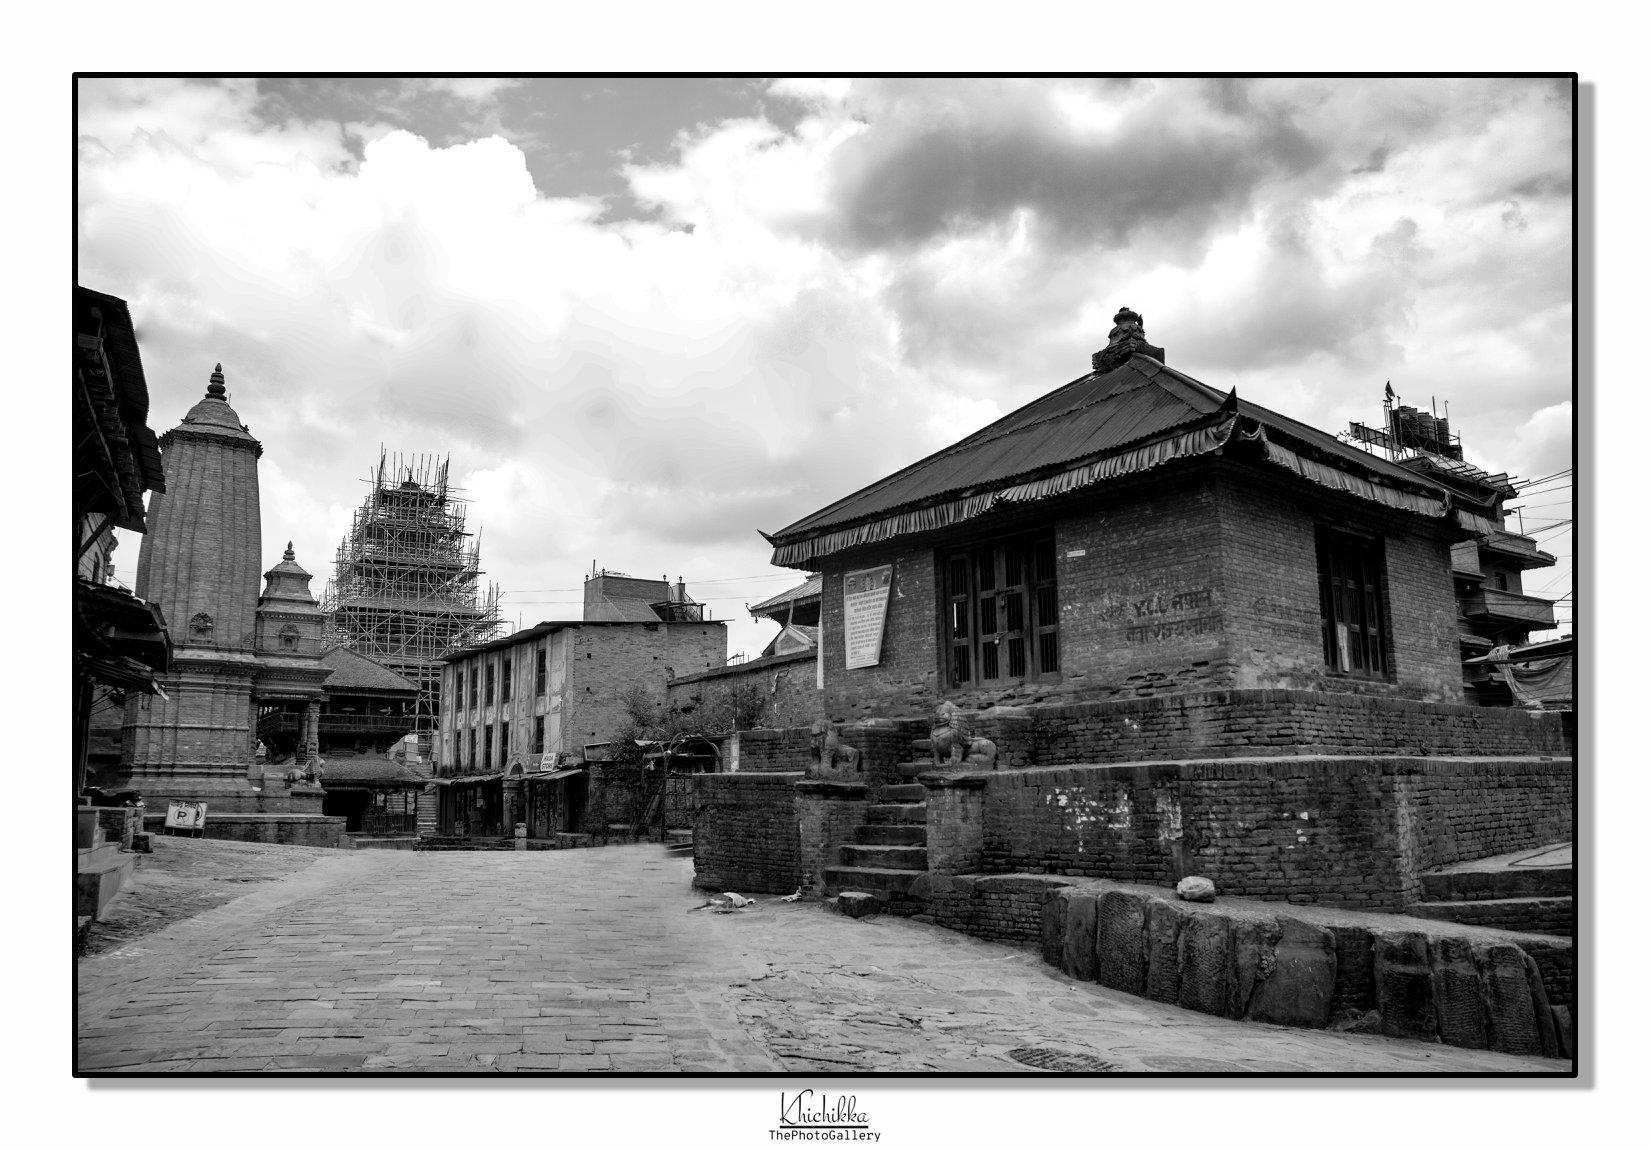 https://www.bhaktapur.com/wp-content/uploads/2020/06/gahiti-Khichikka.jpg